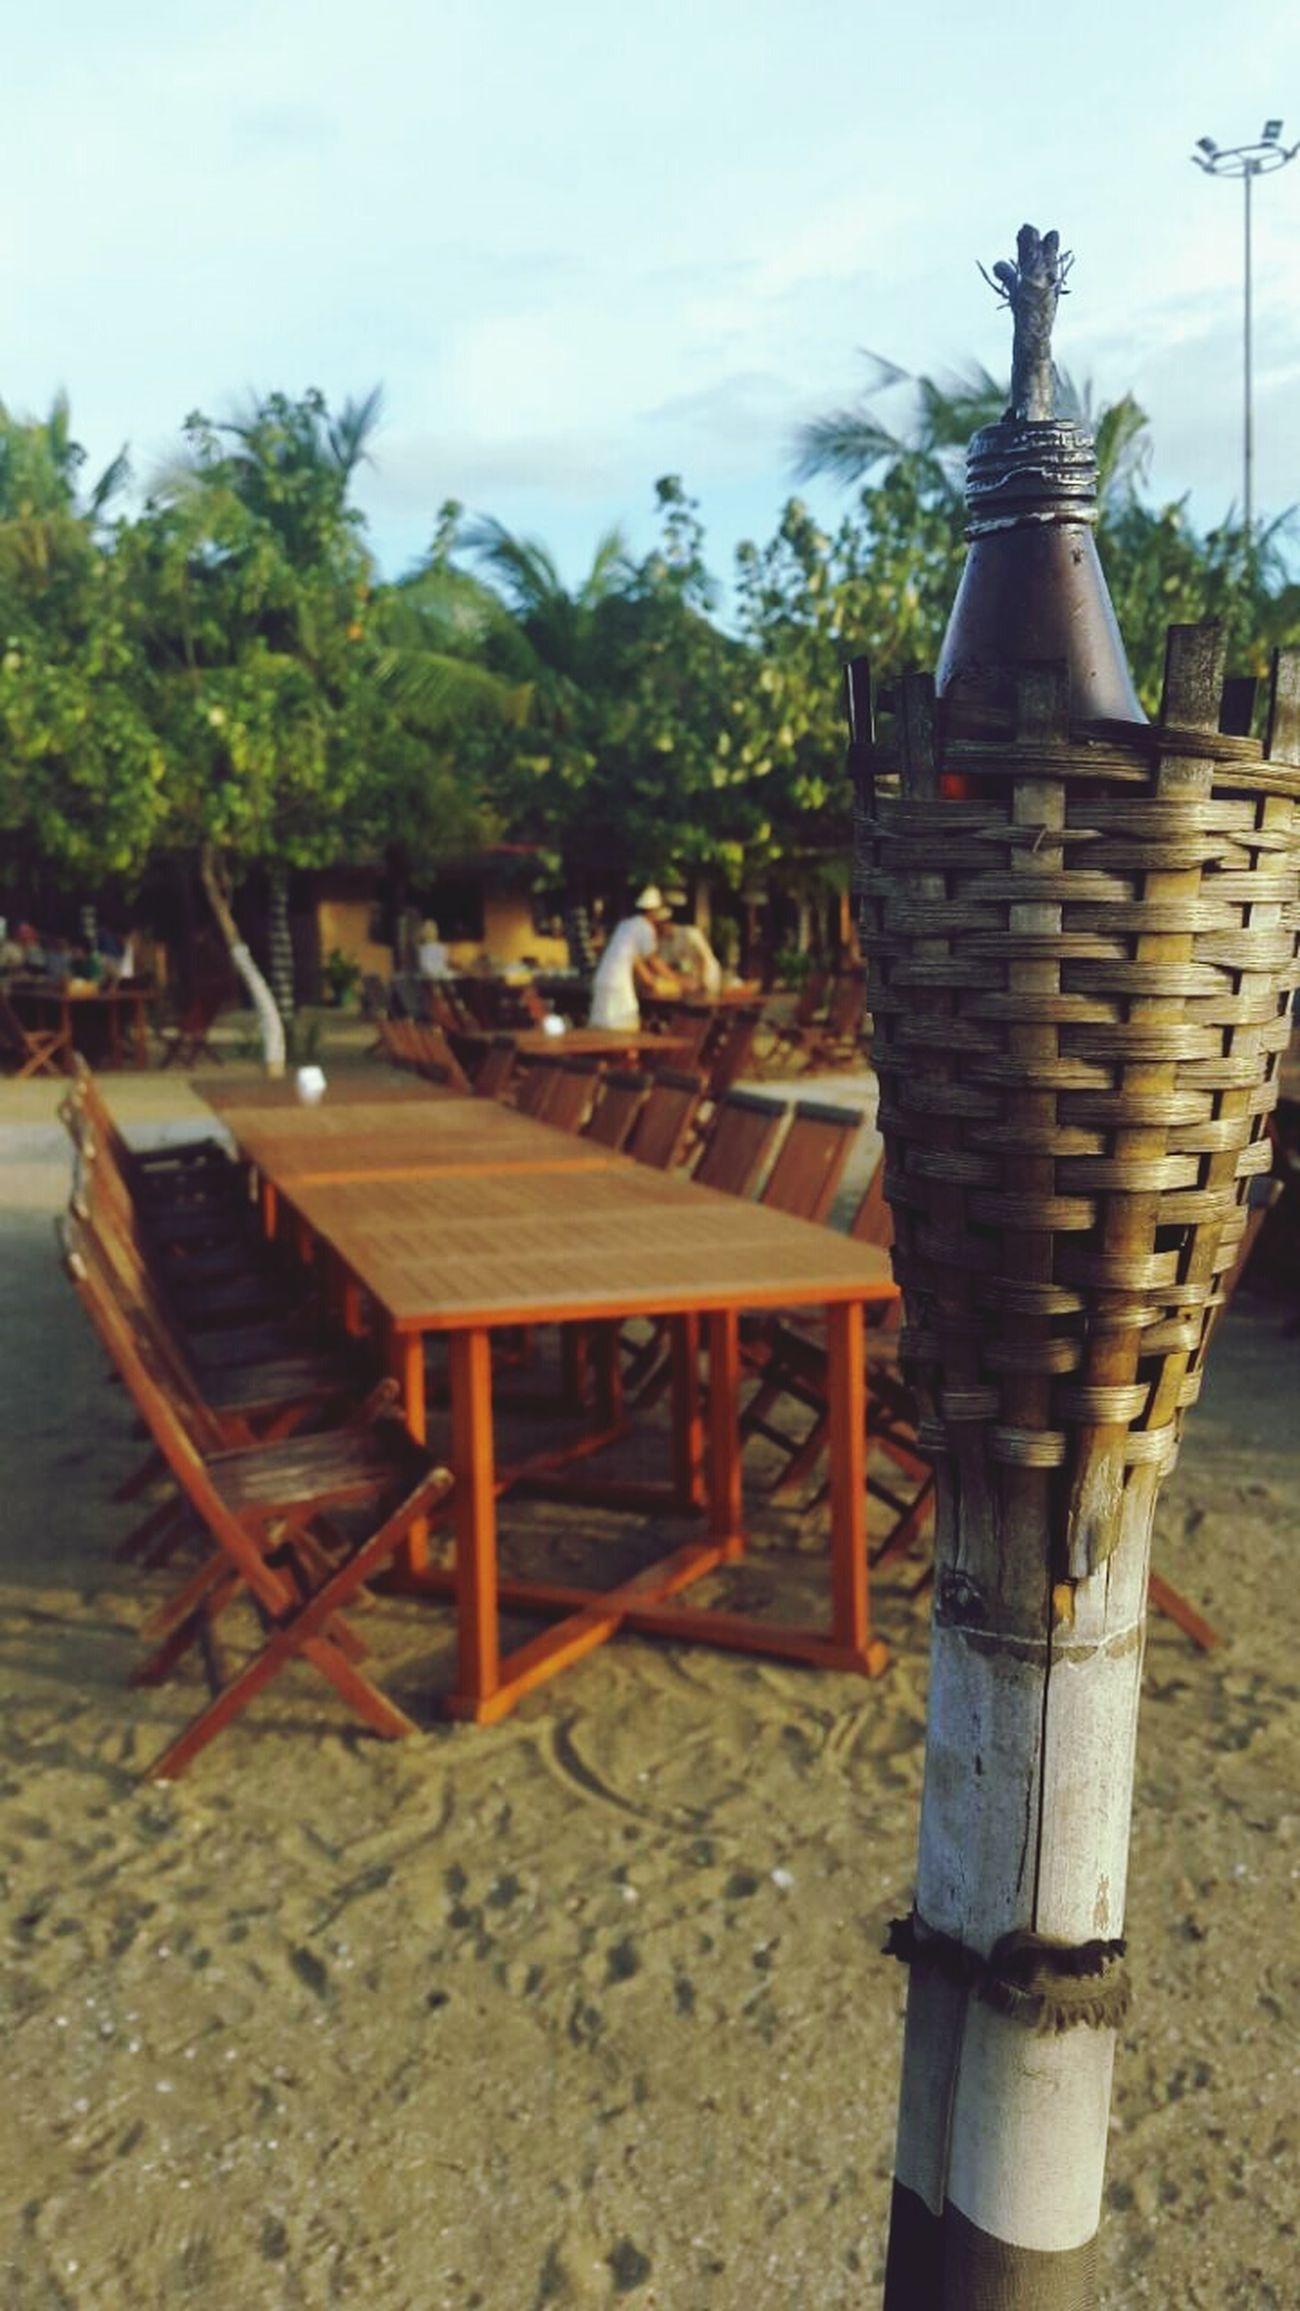 Beach Restaurant Bamboodesign Enjoying The Sunset Beachphotography